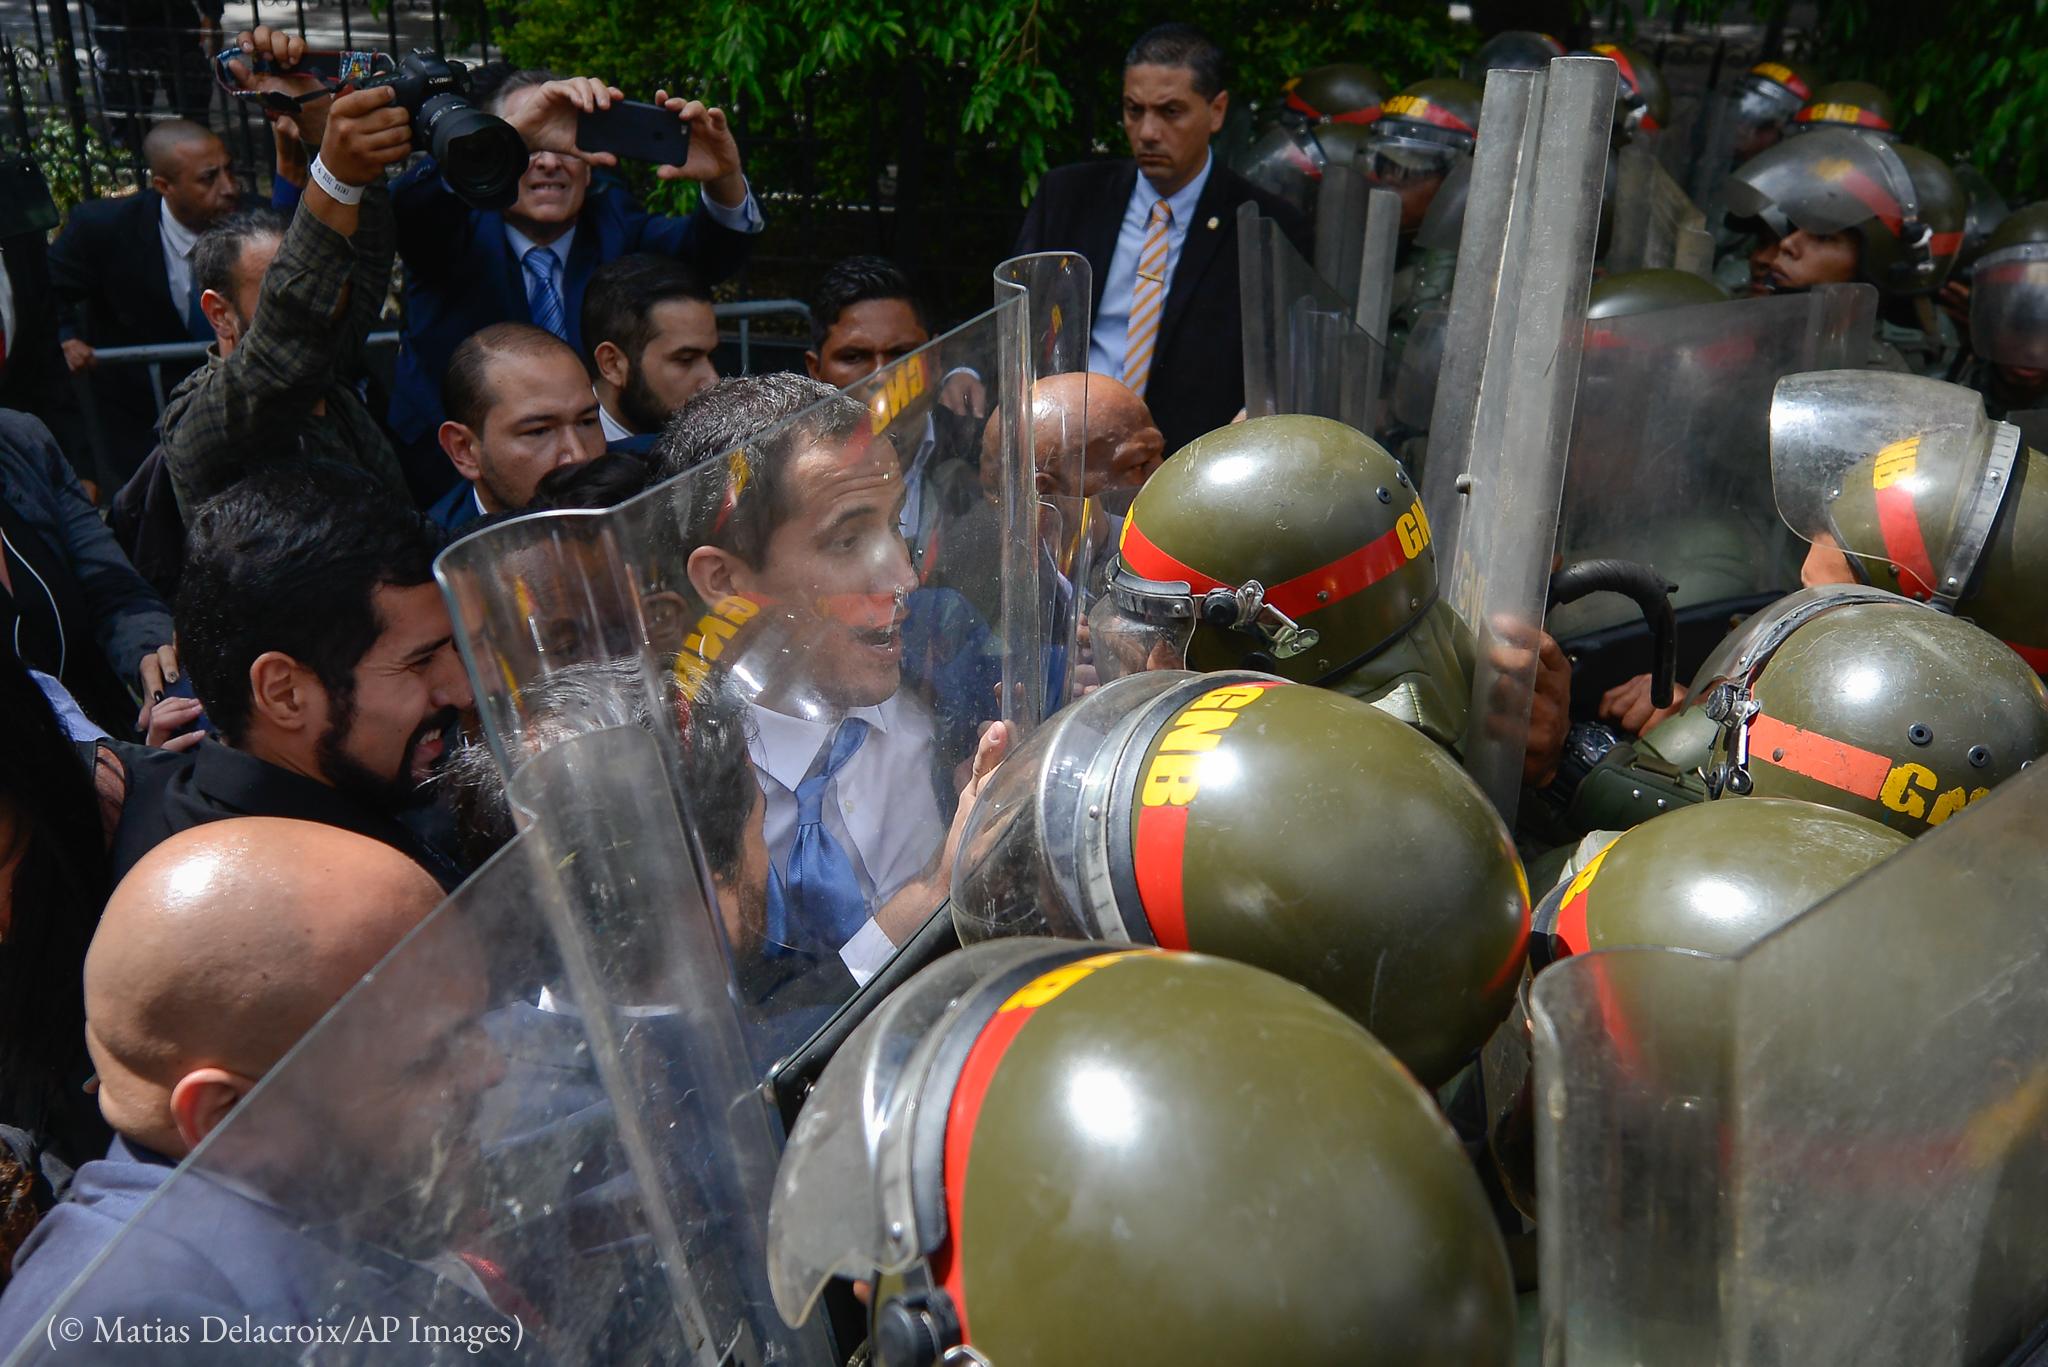 Un homme en costume-cravate, dans une foule, bloqué devant un groupe de policiers en équipement de protection (© Matias Delacroix/AP Images)